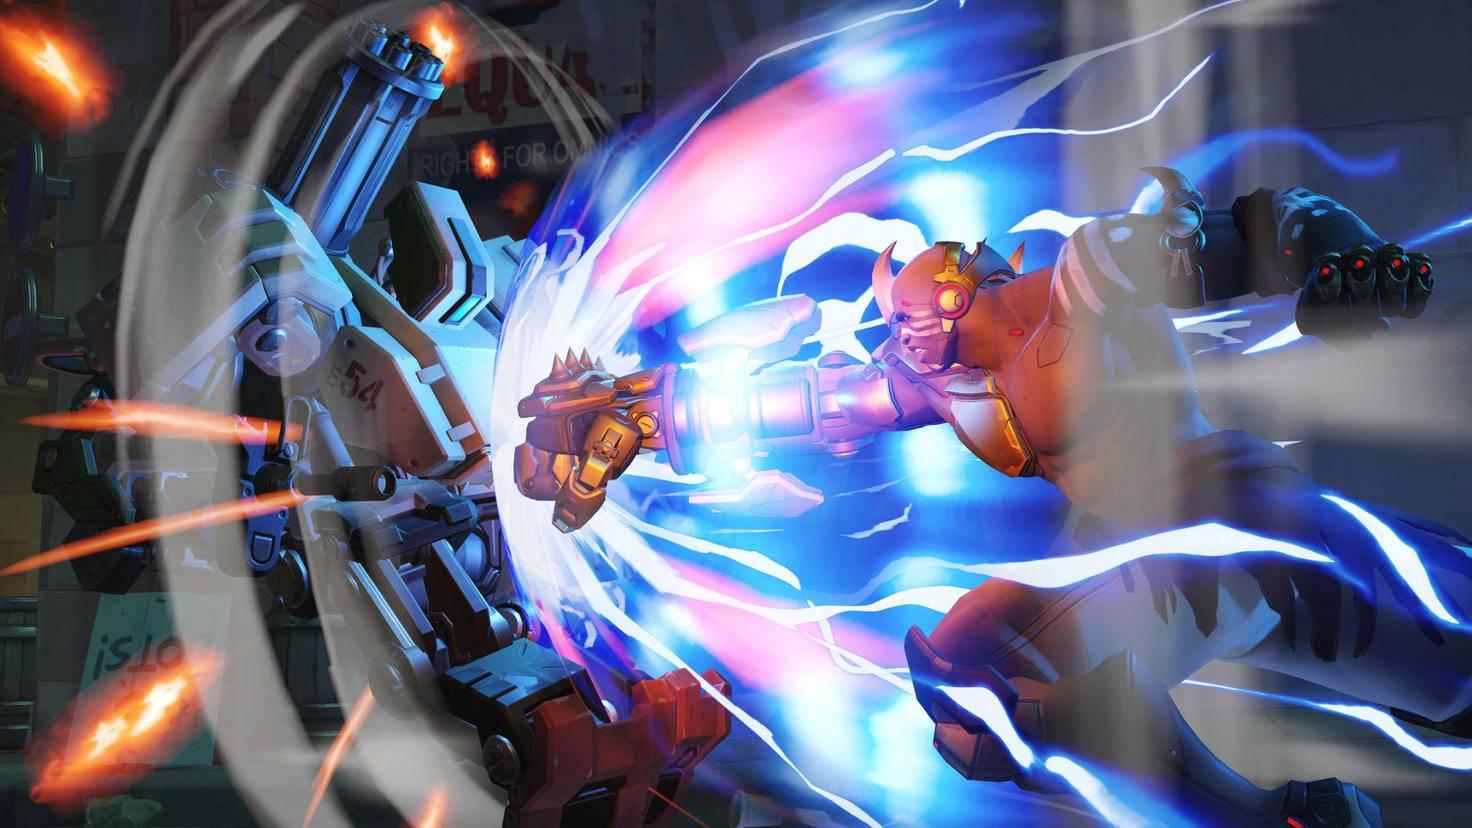 Wer die verschiedenen Faustangriffe von Doomfist kombiniert, triumphiert!